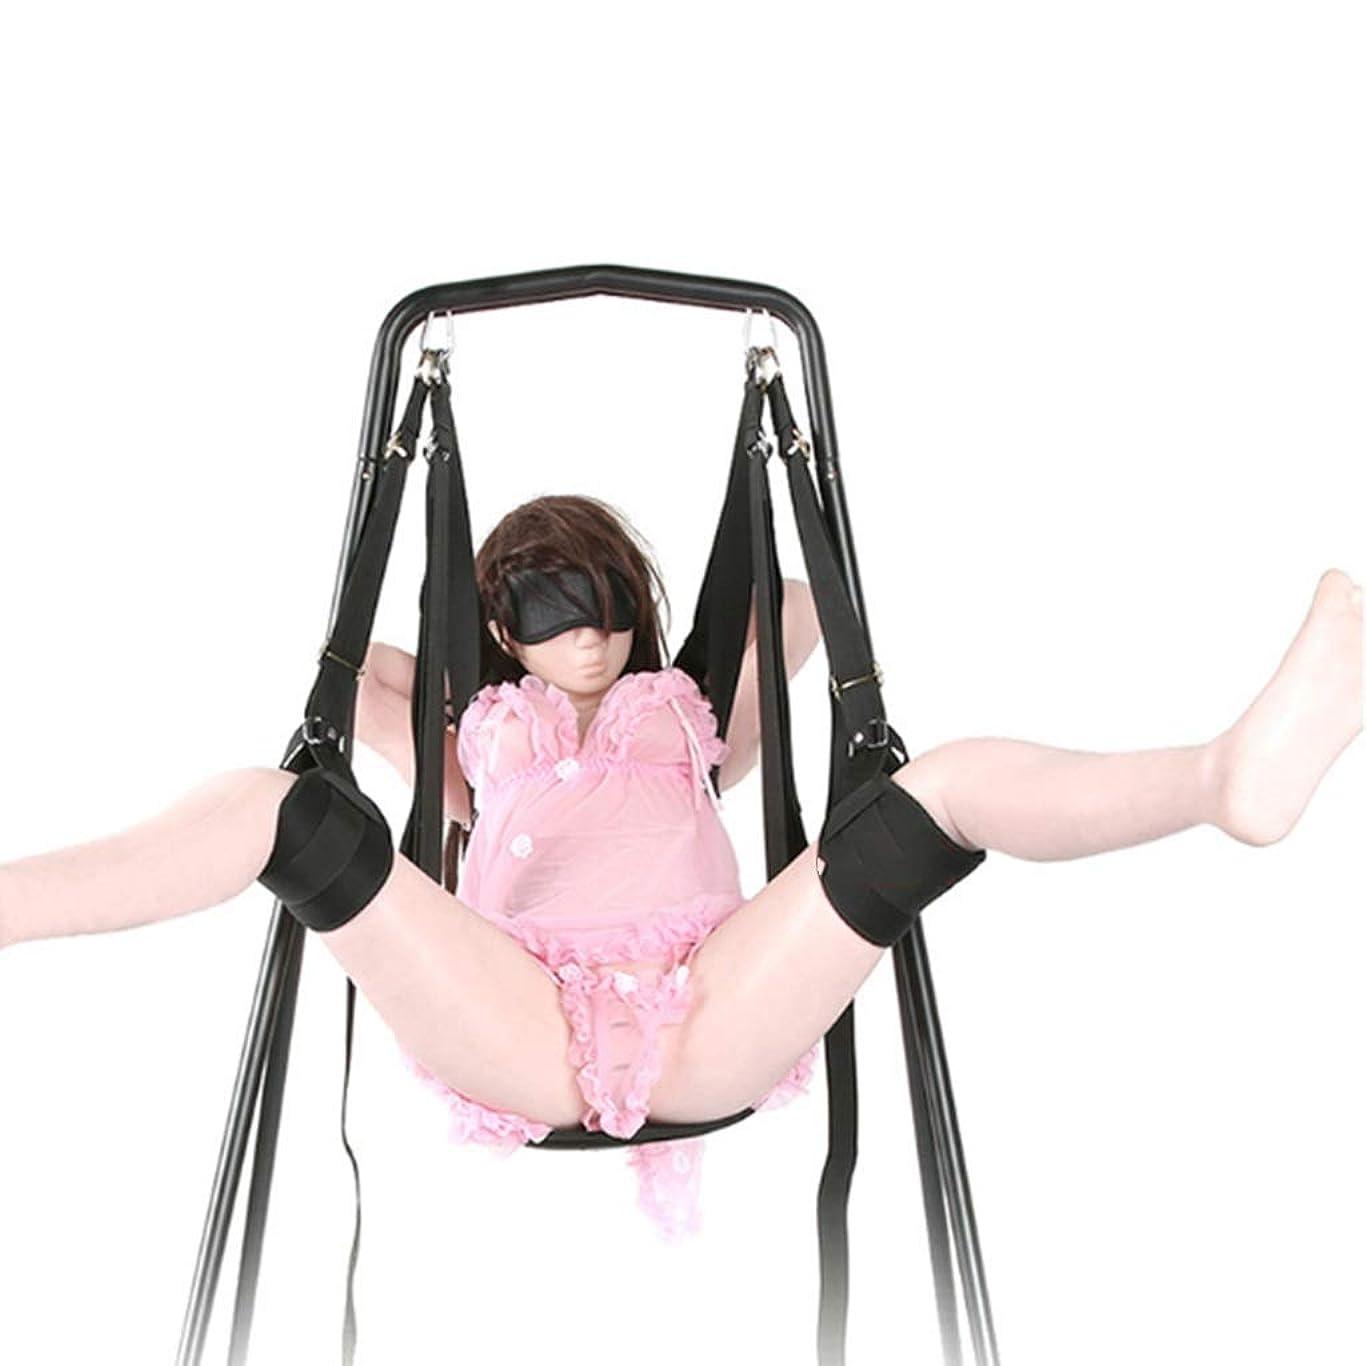 高さする必要がある椅子YI-LIGHT プロスペクティブサポート、S_&Xスウィングハンギングスウィング、360°回転、大人用屋内用スウィングキットのための不可侵ナイロン製